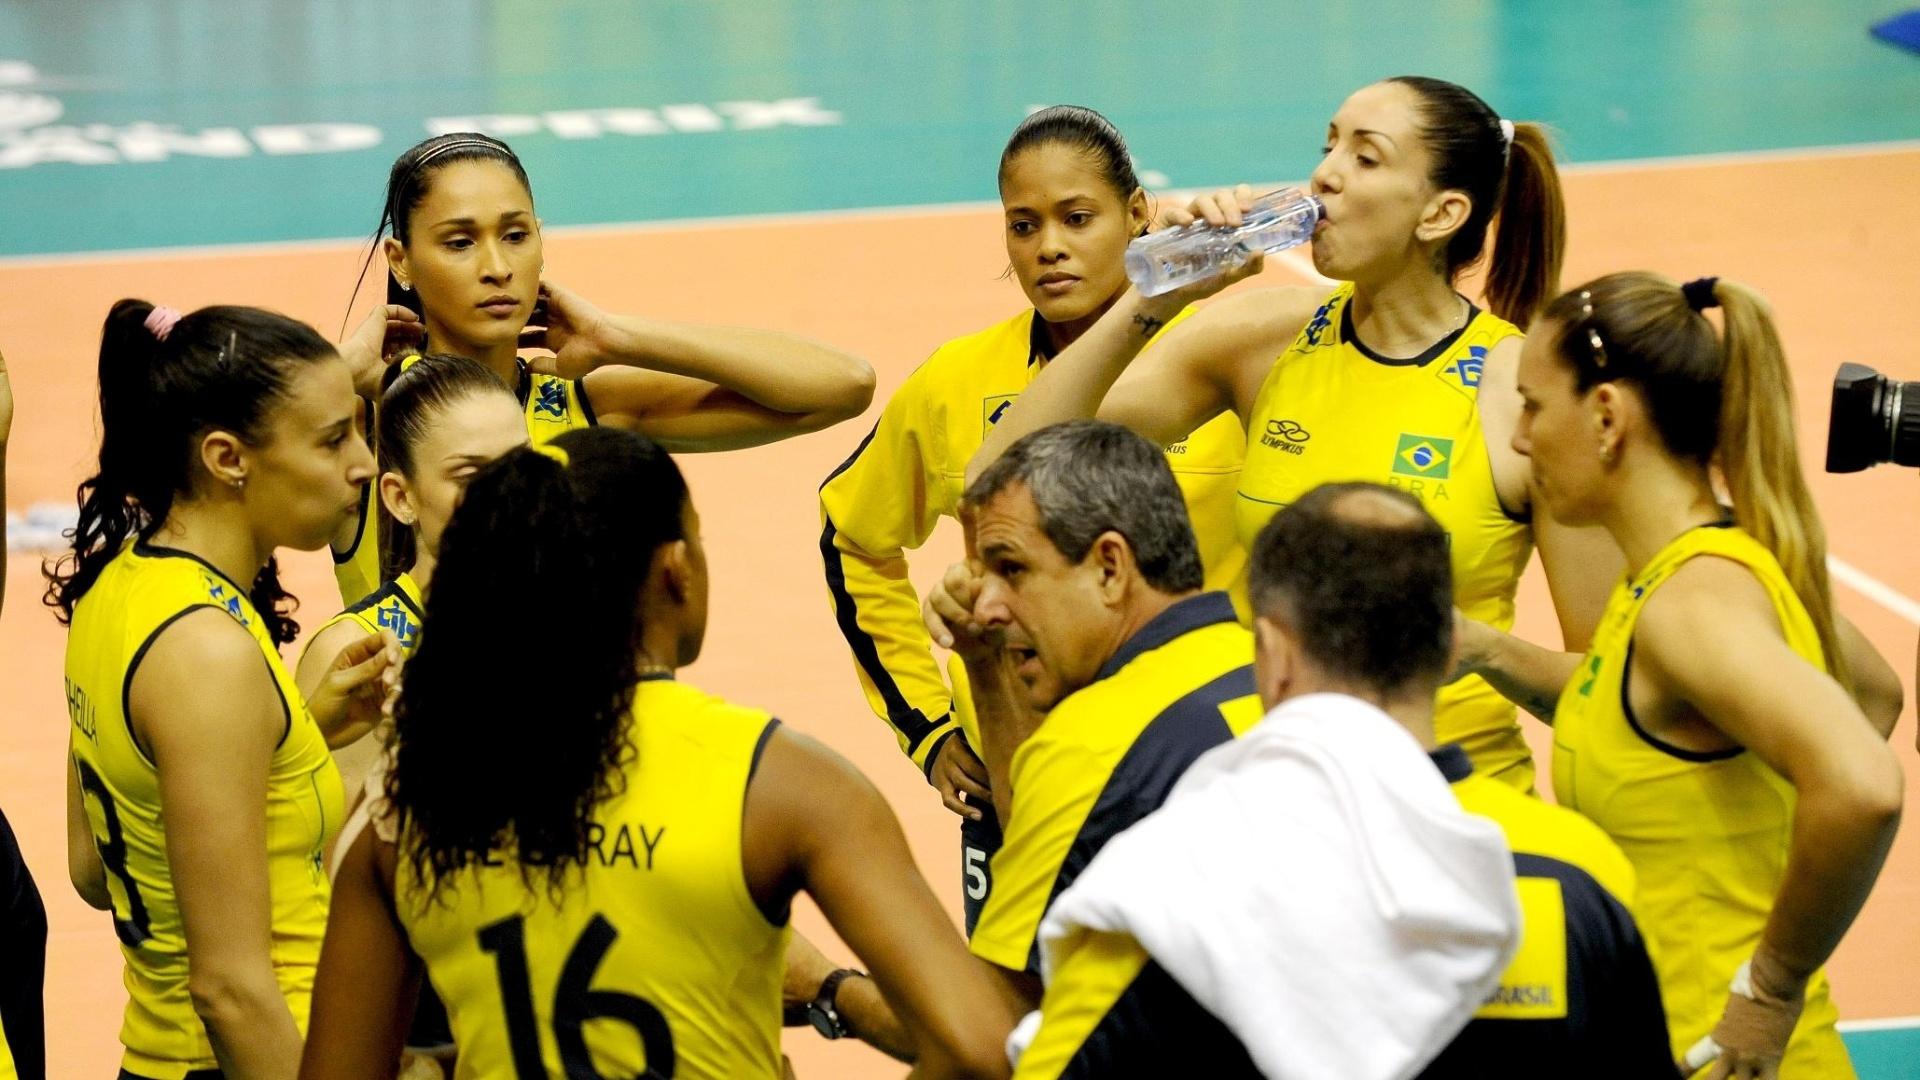 Técnico José Roberto Guimarães passa instruções para seleção brasileira durante vitória sobre Cuba